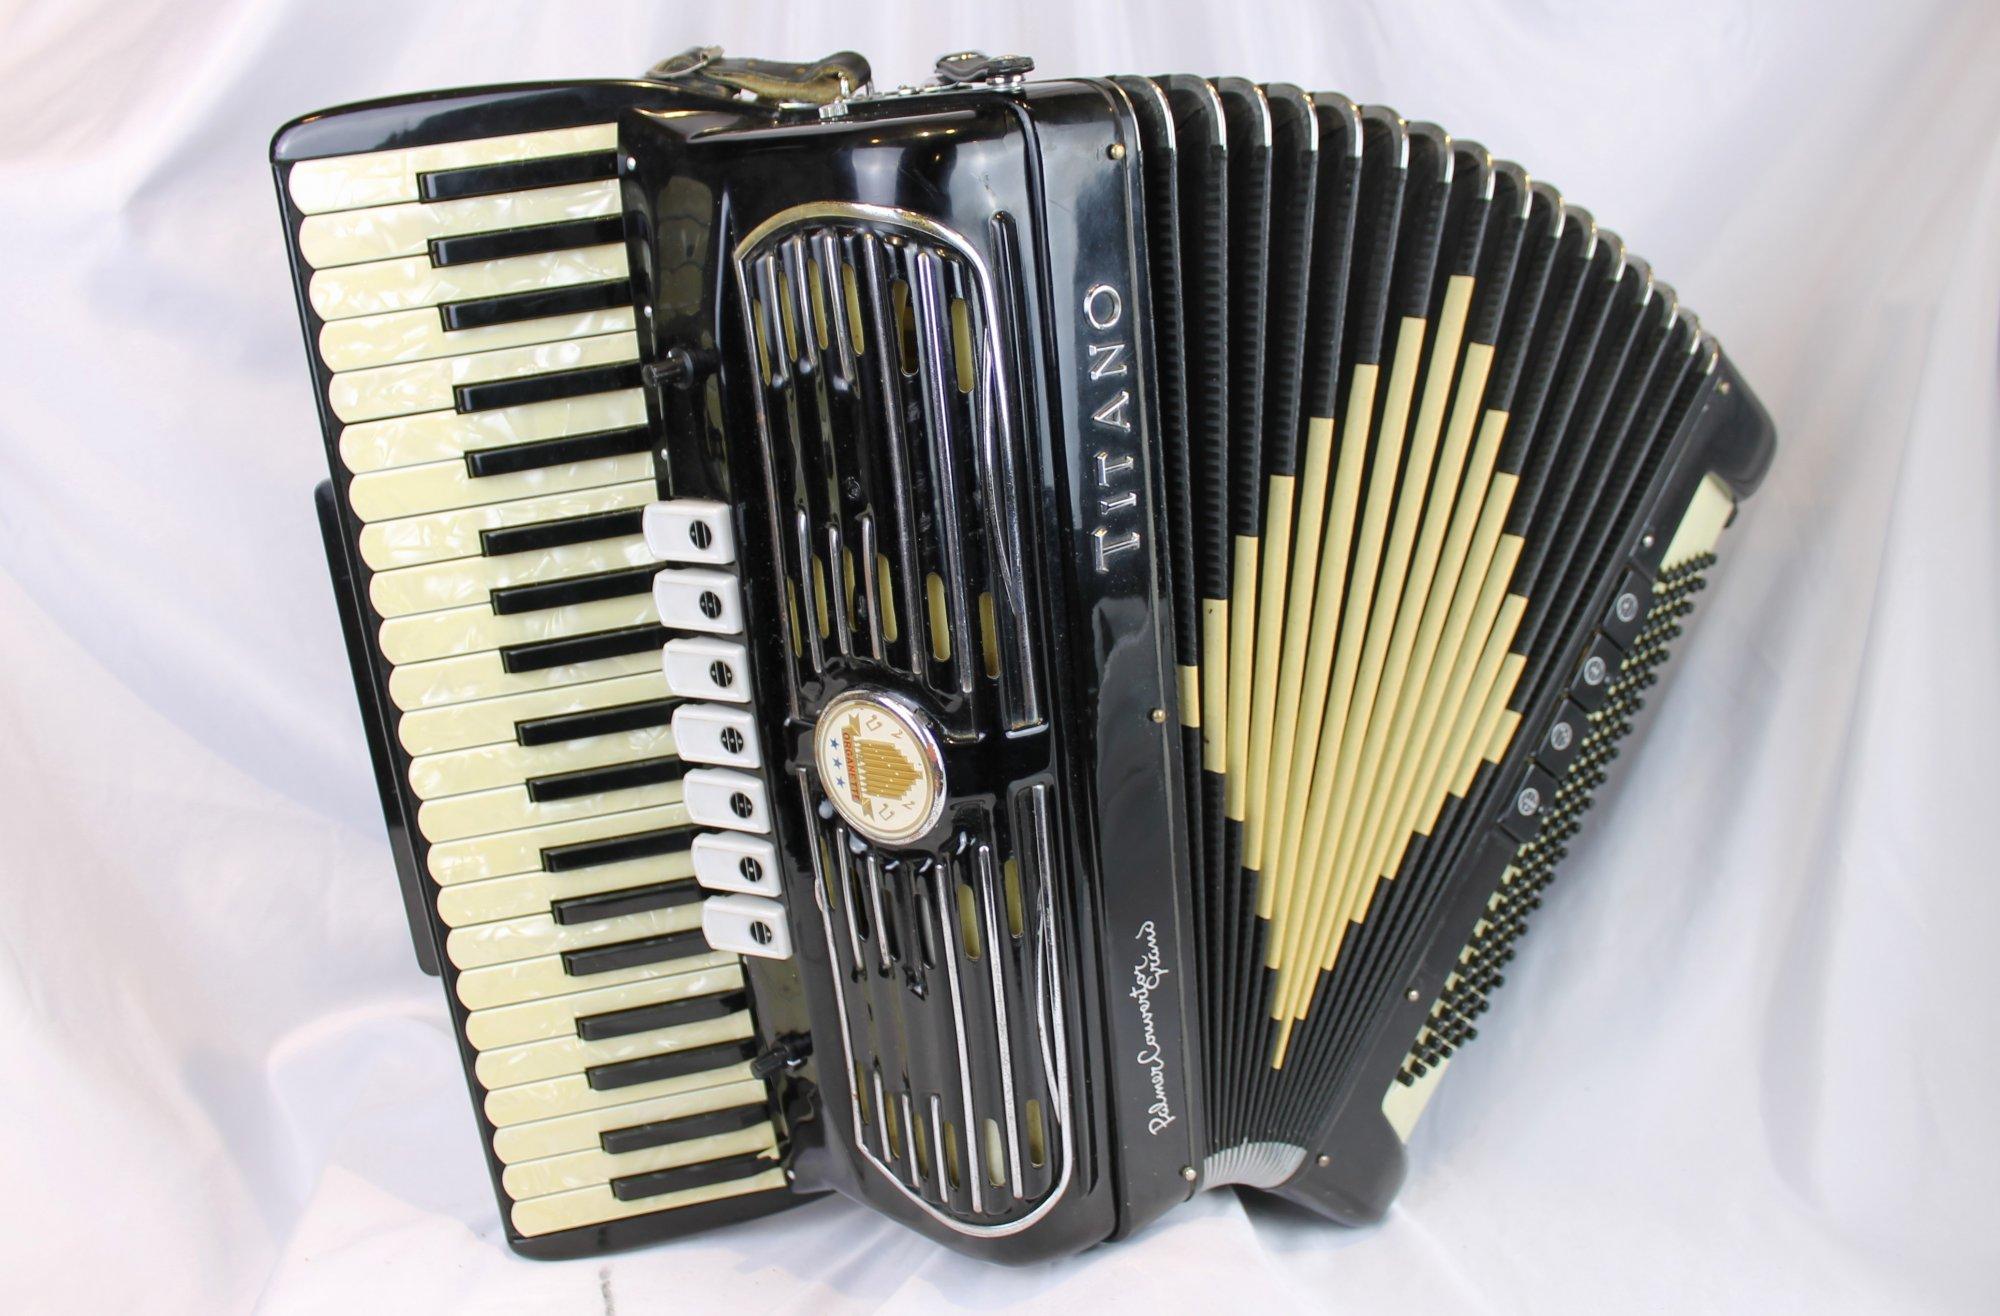 1442 - Black Titano Palmer Converter Grand Piano Accordion LMM 41 120